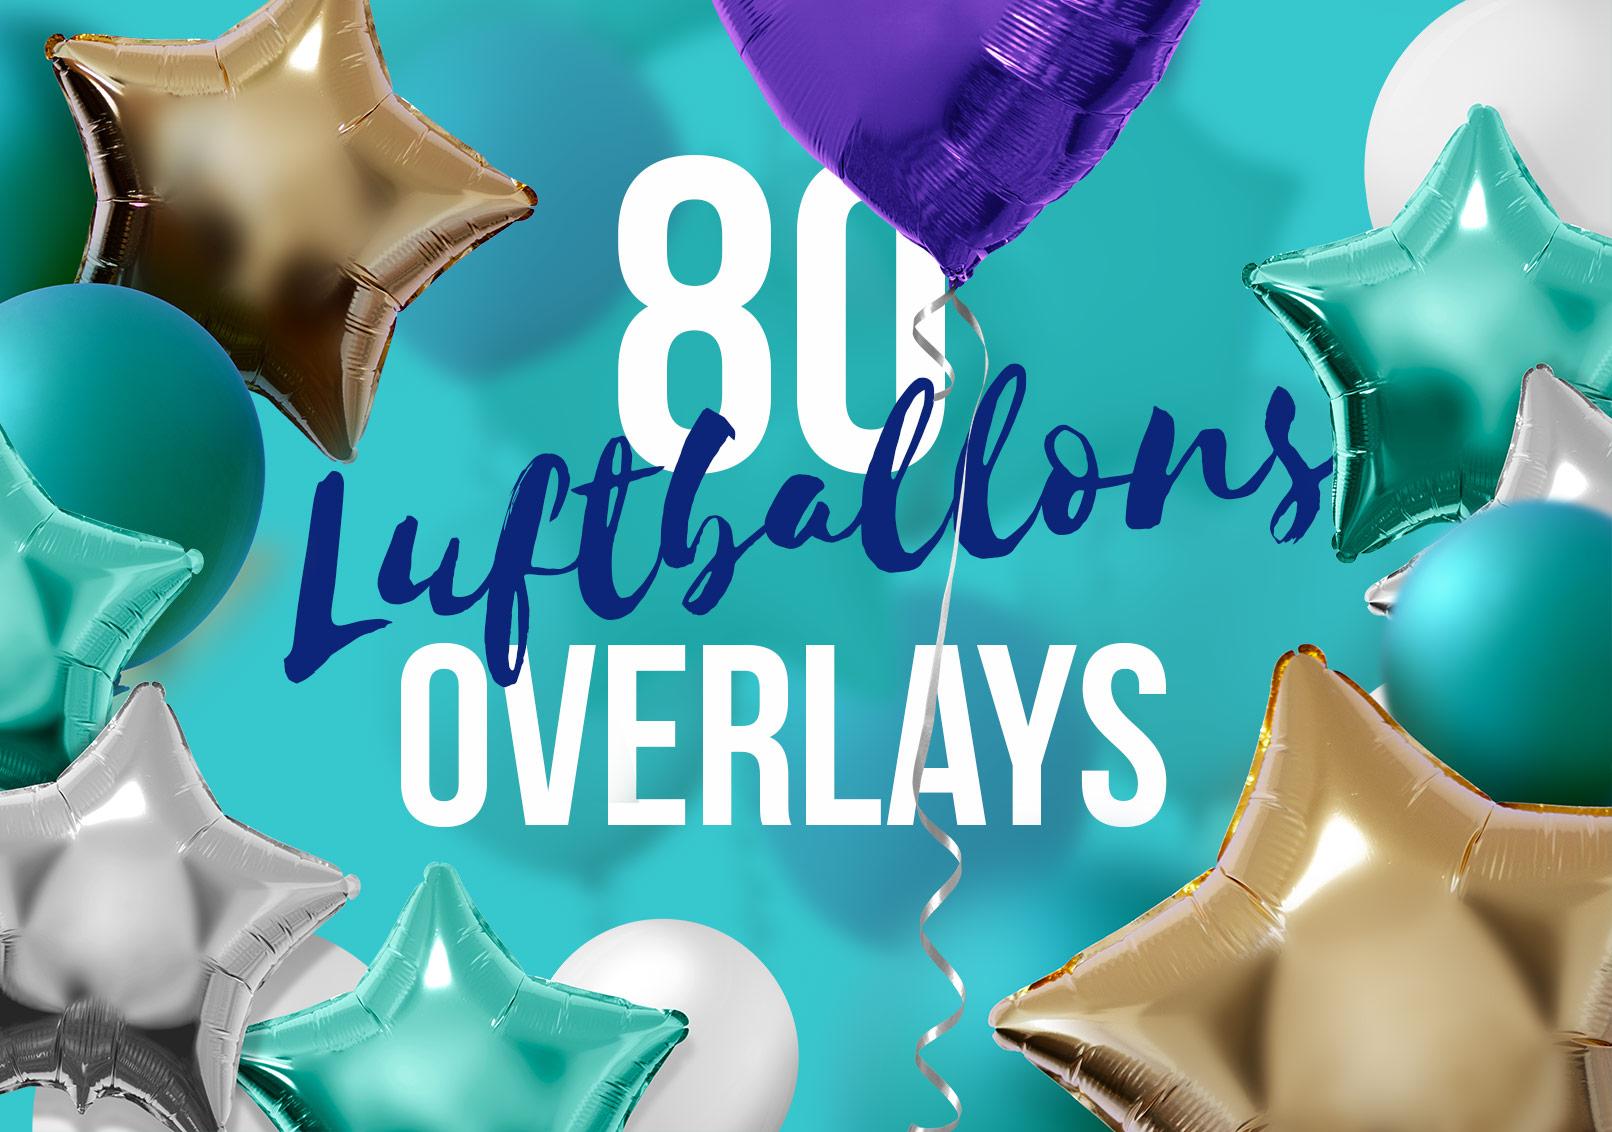 Schriftzug mit Bildern von bunten Luftballons